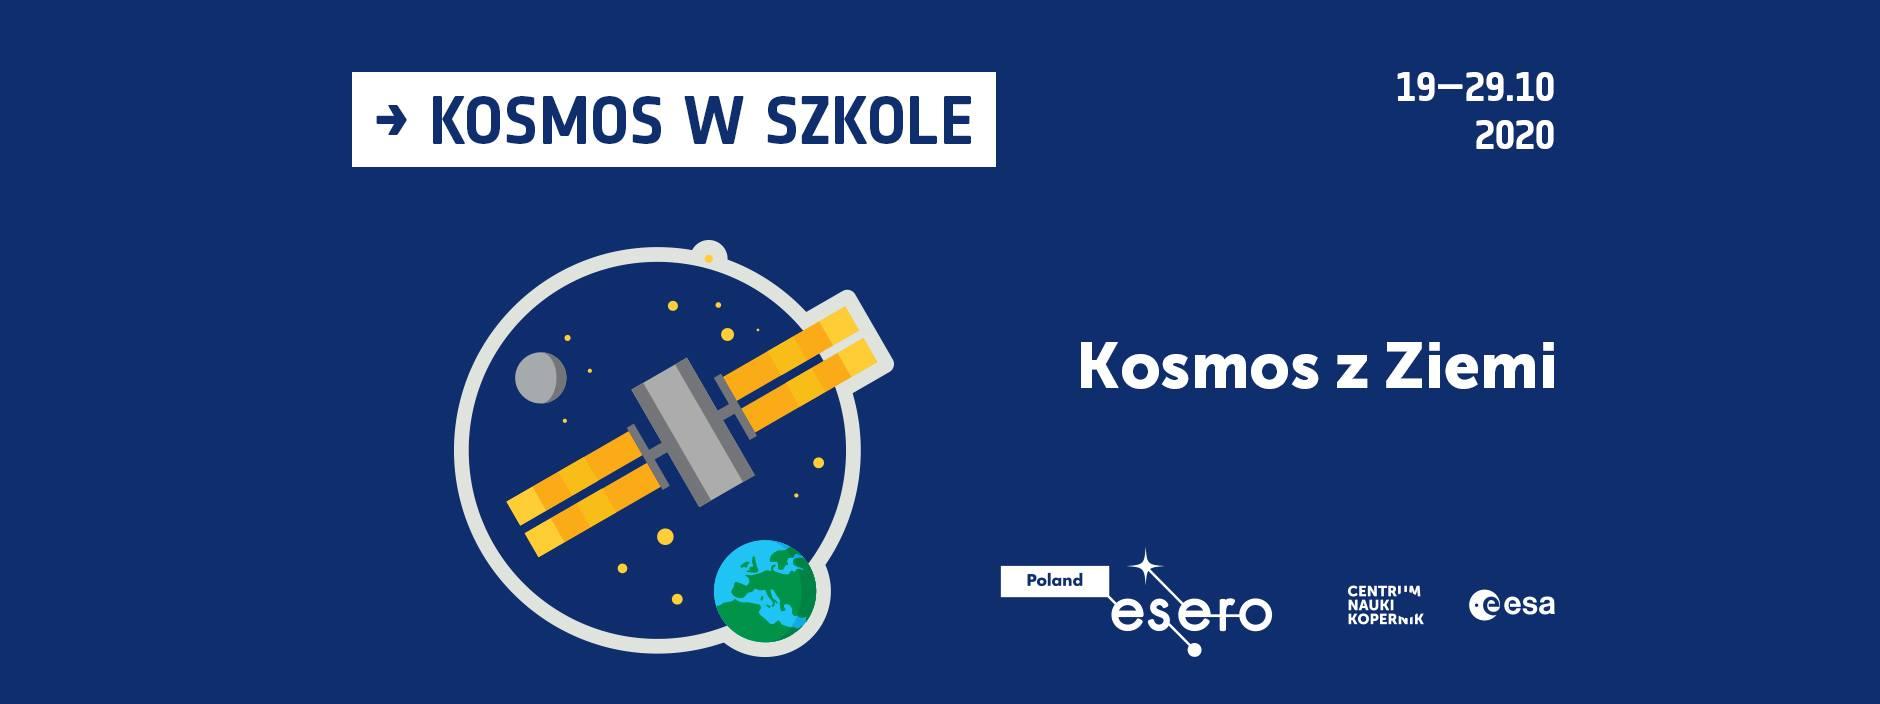 Kosmos zZiemi - konferencja Kosmos wSzkole @ Online